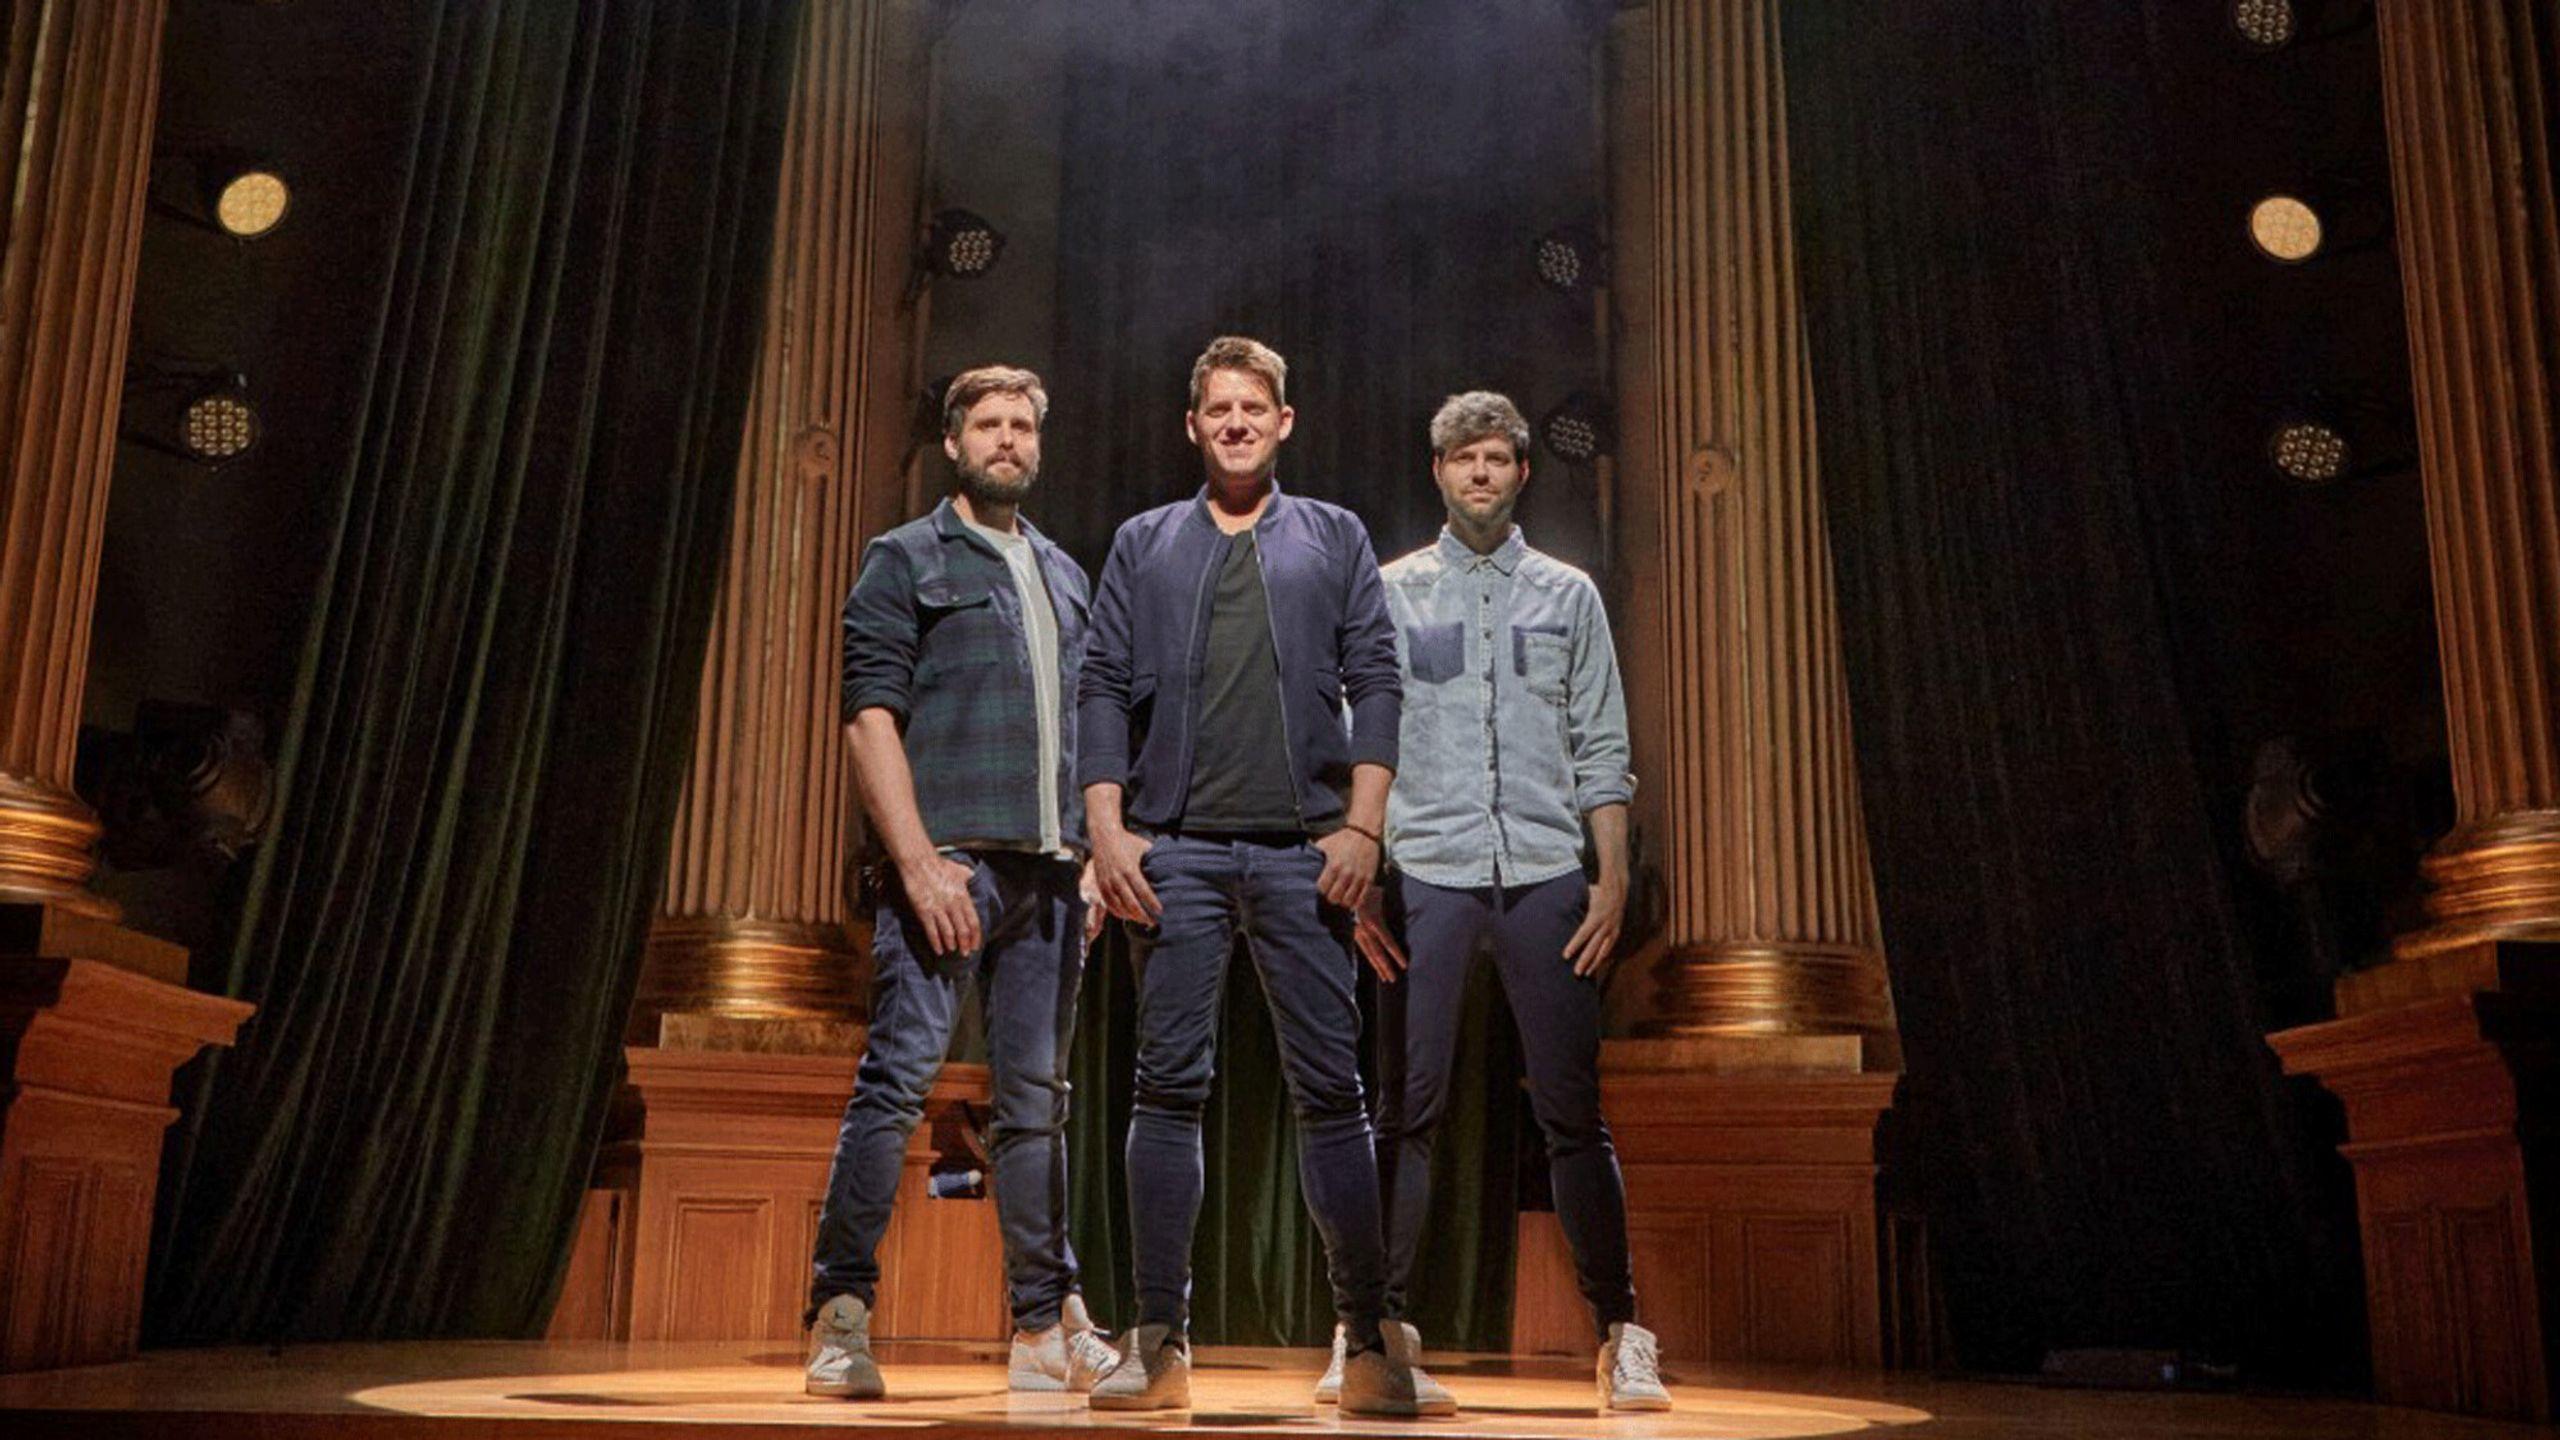 Nick, Simon & Kees